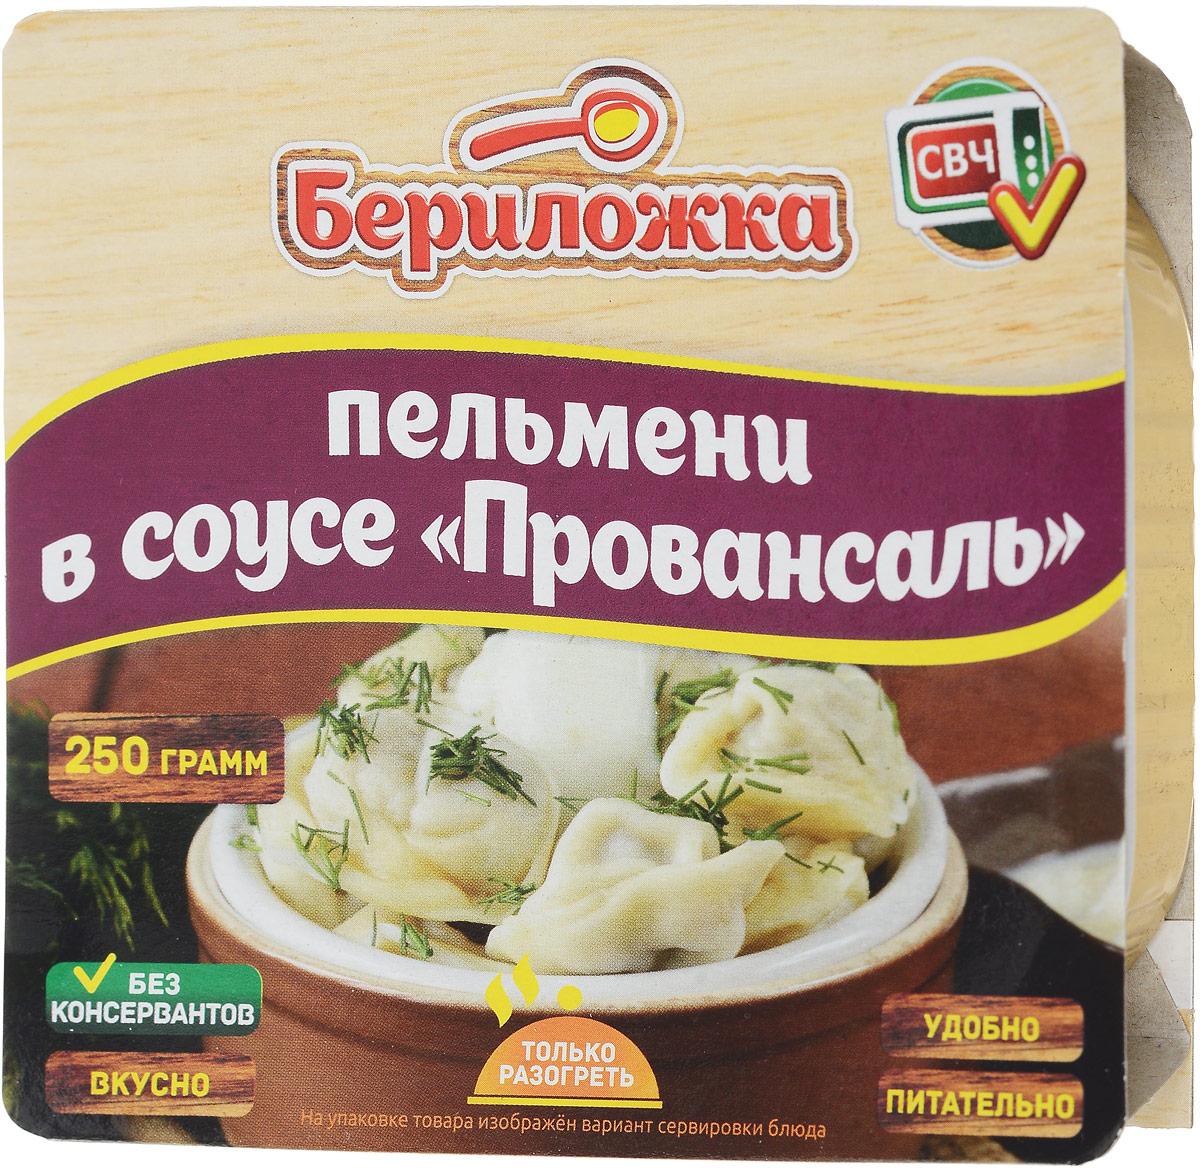 Бериложка пельмени в соусе Провансаль, 250 г6115Пельмени в соусе Провансаль Бериложка - мясорастительные консервы, стерилизованные.Перед употреблением рекомендуется разогреть. Продукт не содержит ГМО, консервантов.Уважаемые клиенты! Обращаем ваше внимание, что полный перечень состава продукта представлен на дополнительном изображении.